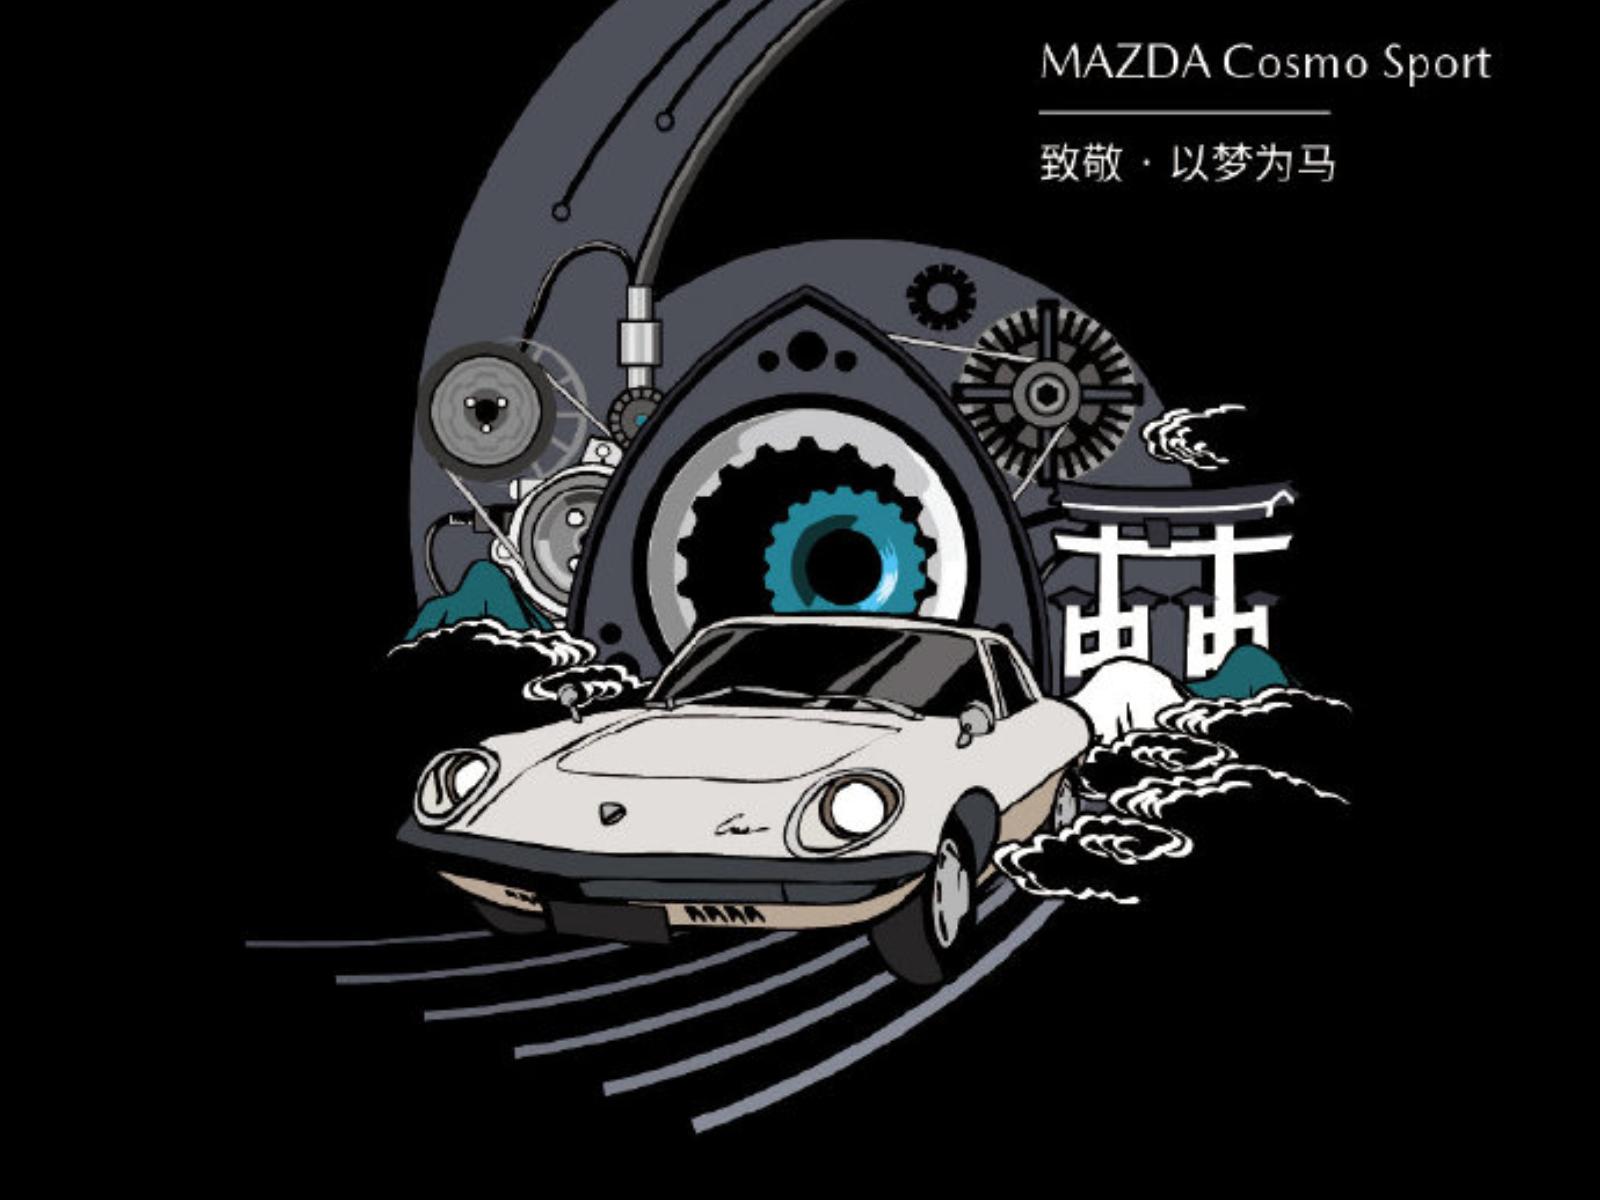 マツダ微博 次期型ロータリーエンジン